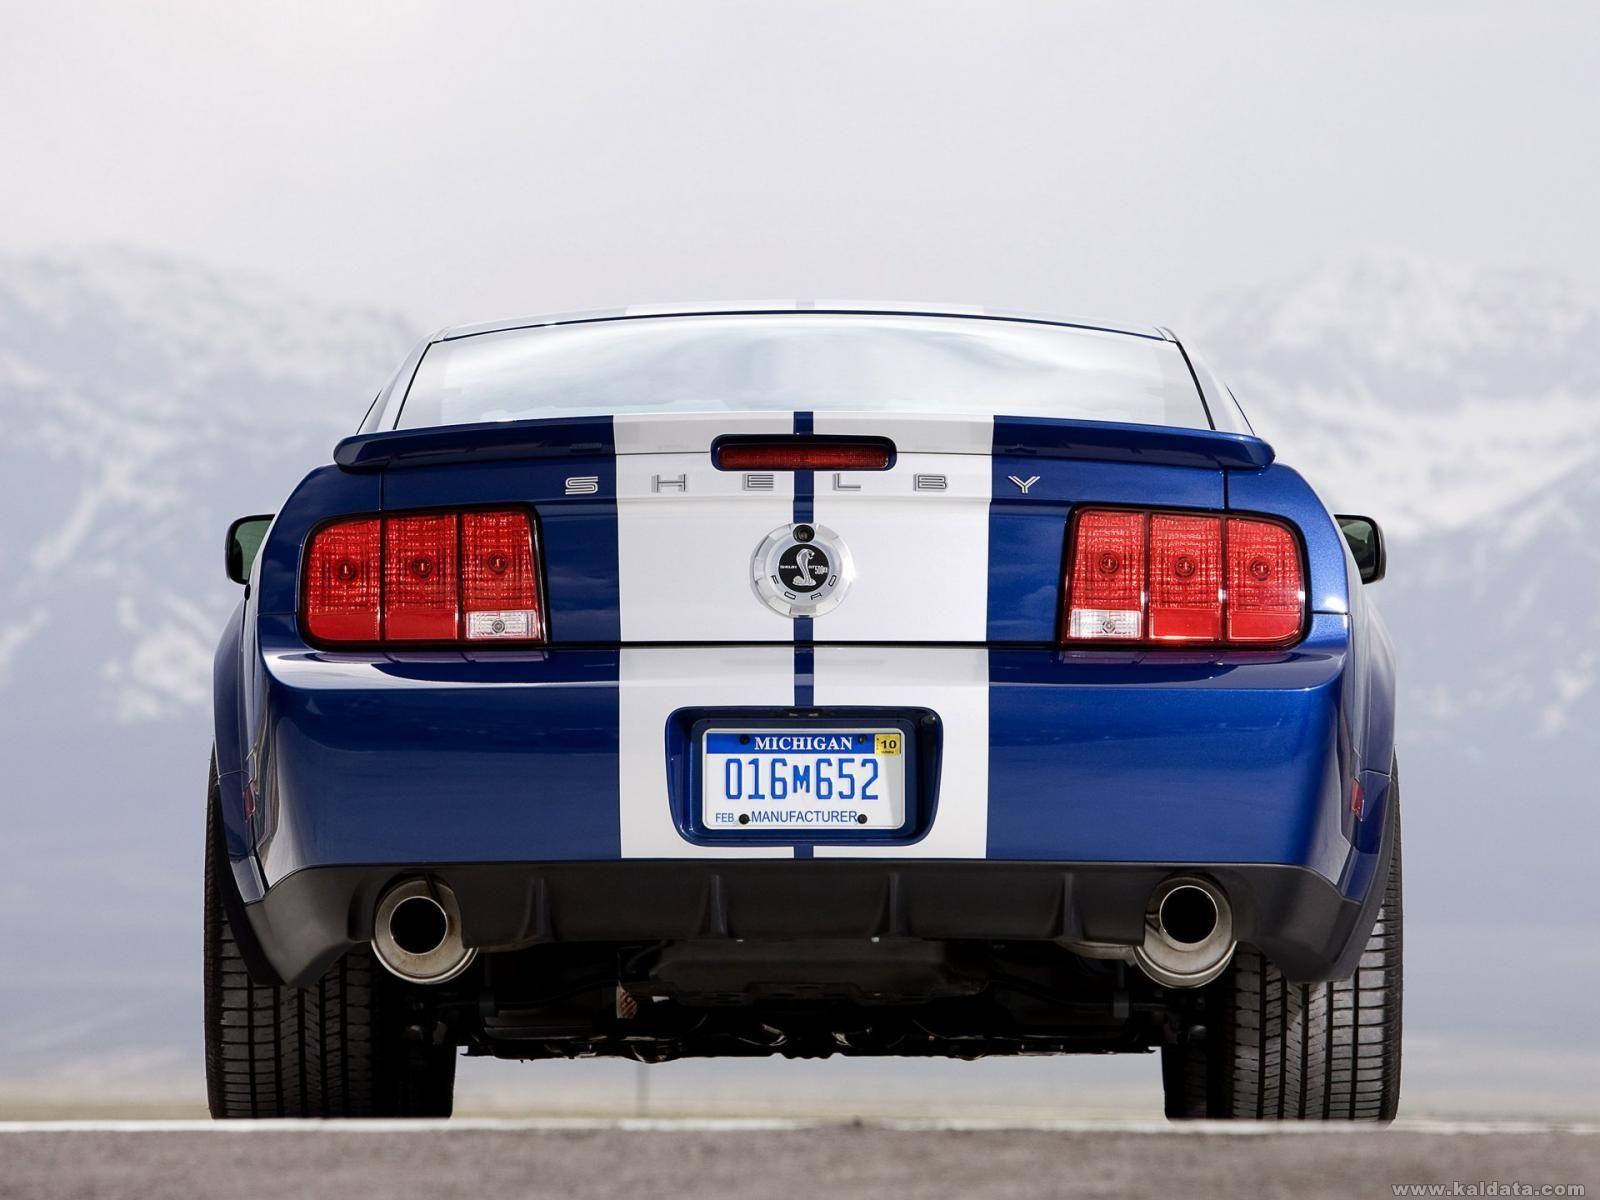 2008-Ford-Shelby-GT500KR-Back_4237_1920_1440.jpg